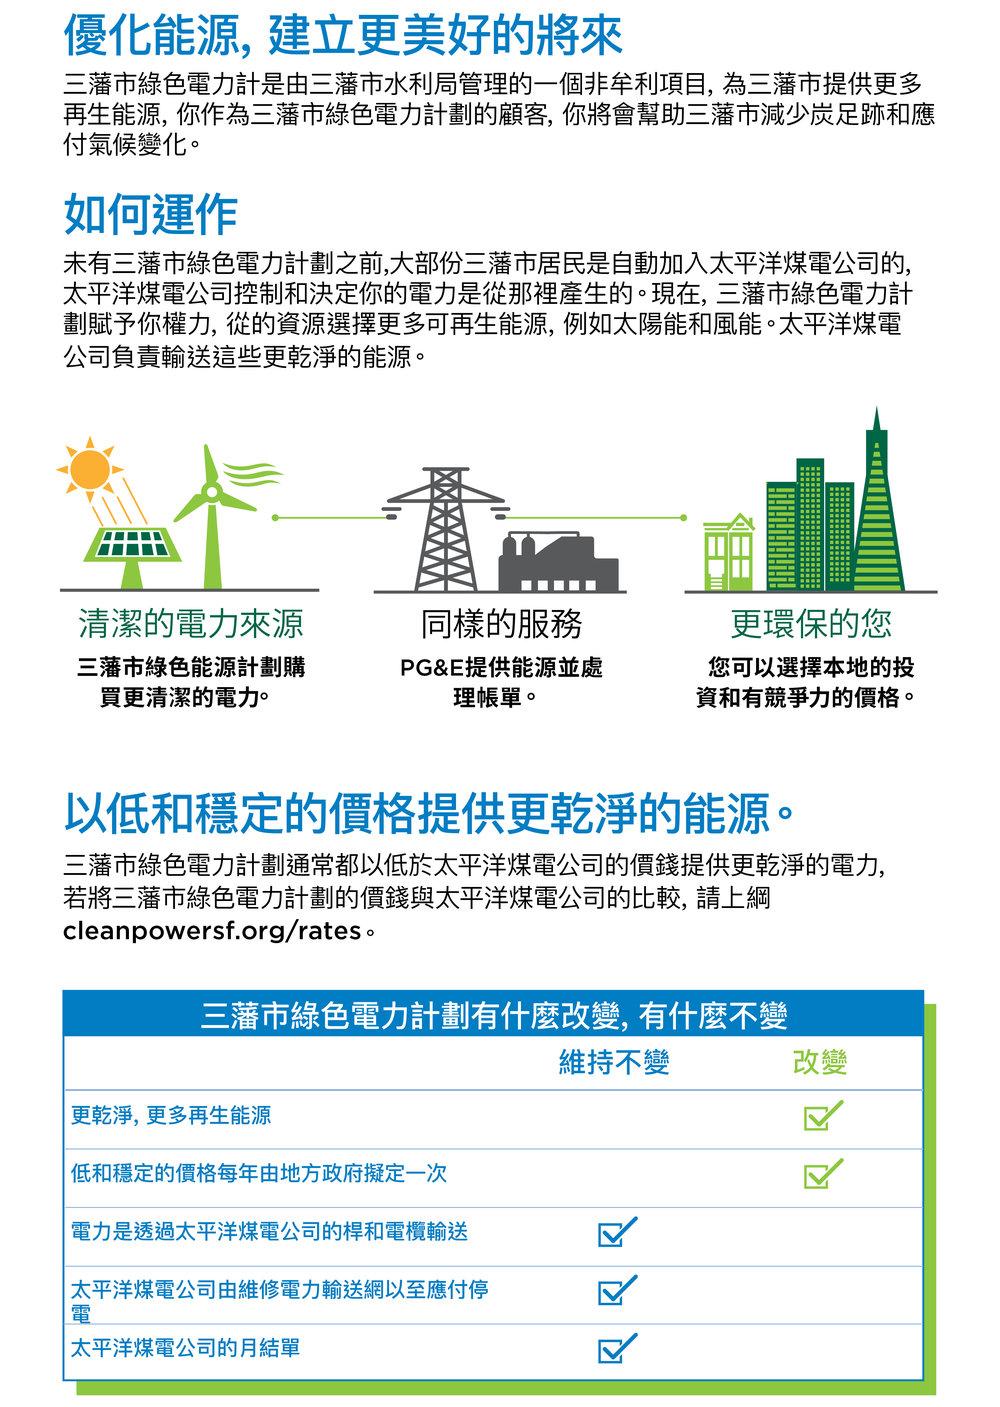 CPSF_Brochure_CN_III_pb_103018_v05 for web2.jpg